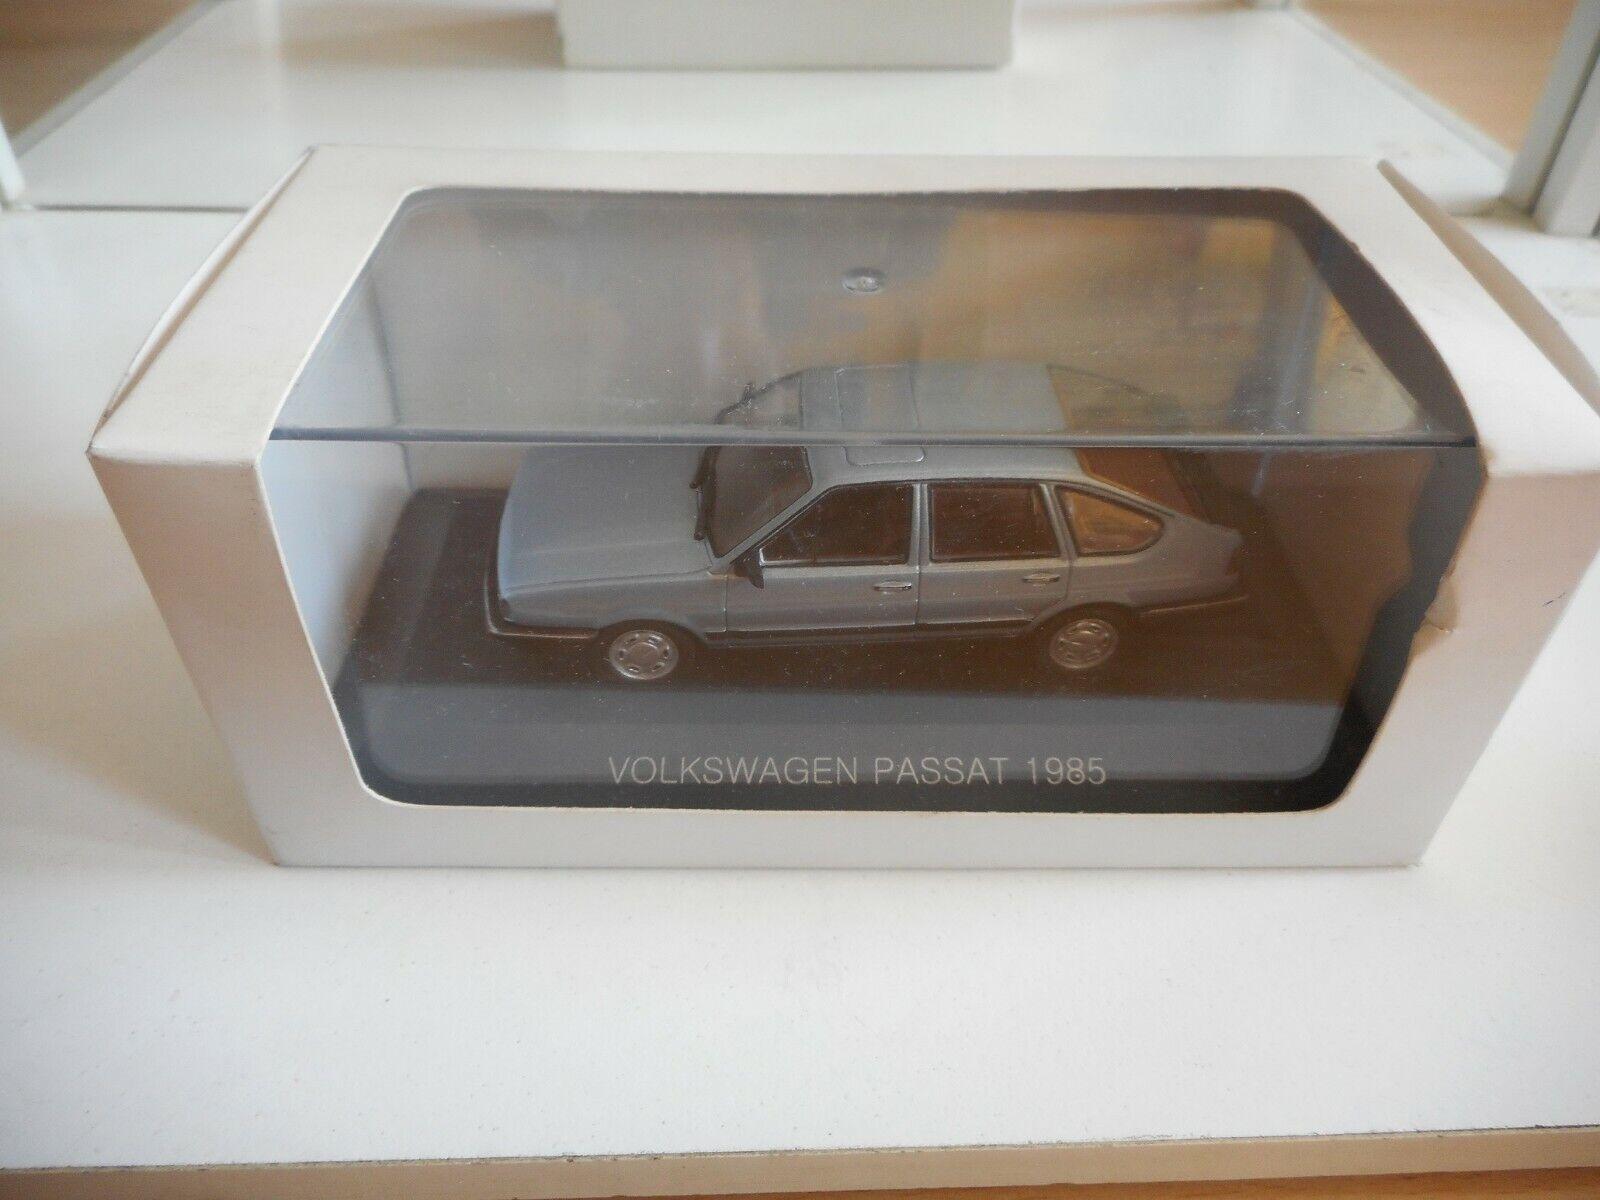 VW Volkswagen Passat 1985 in  bleu on 1 43 in Box  offre spéciale